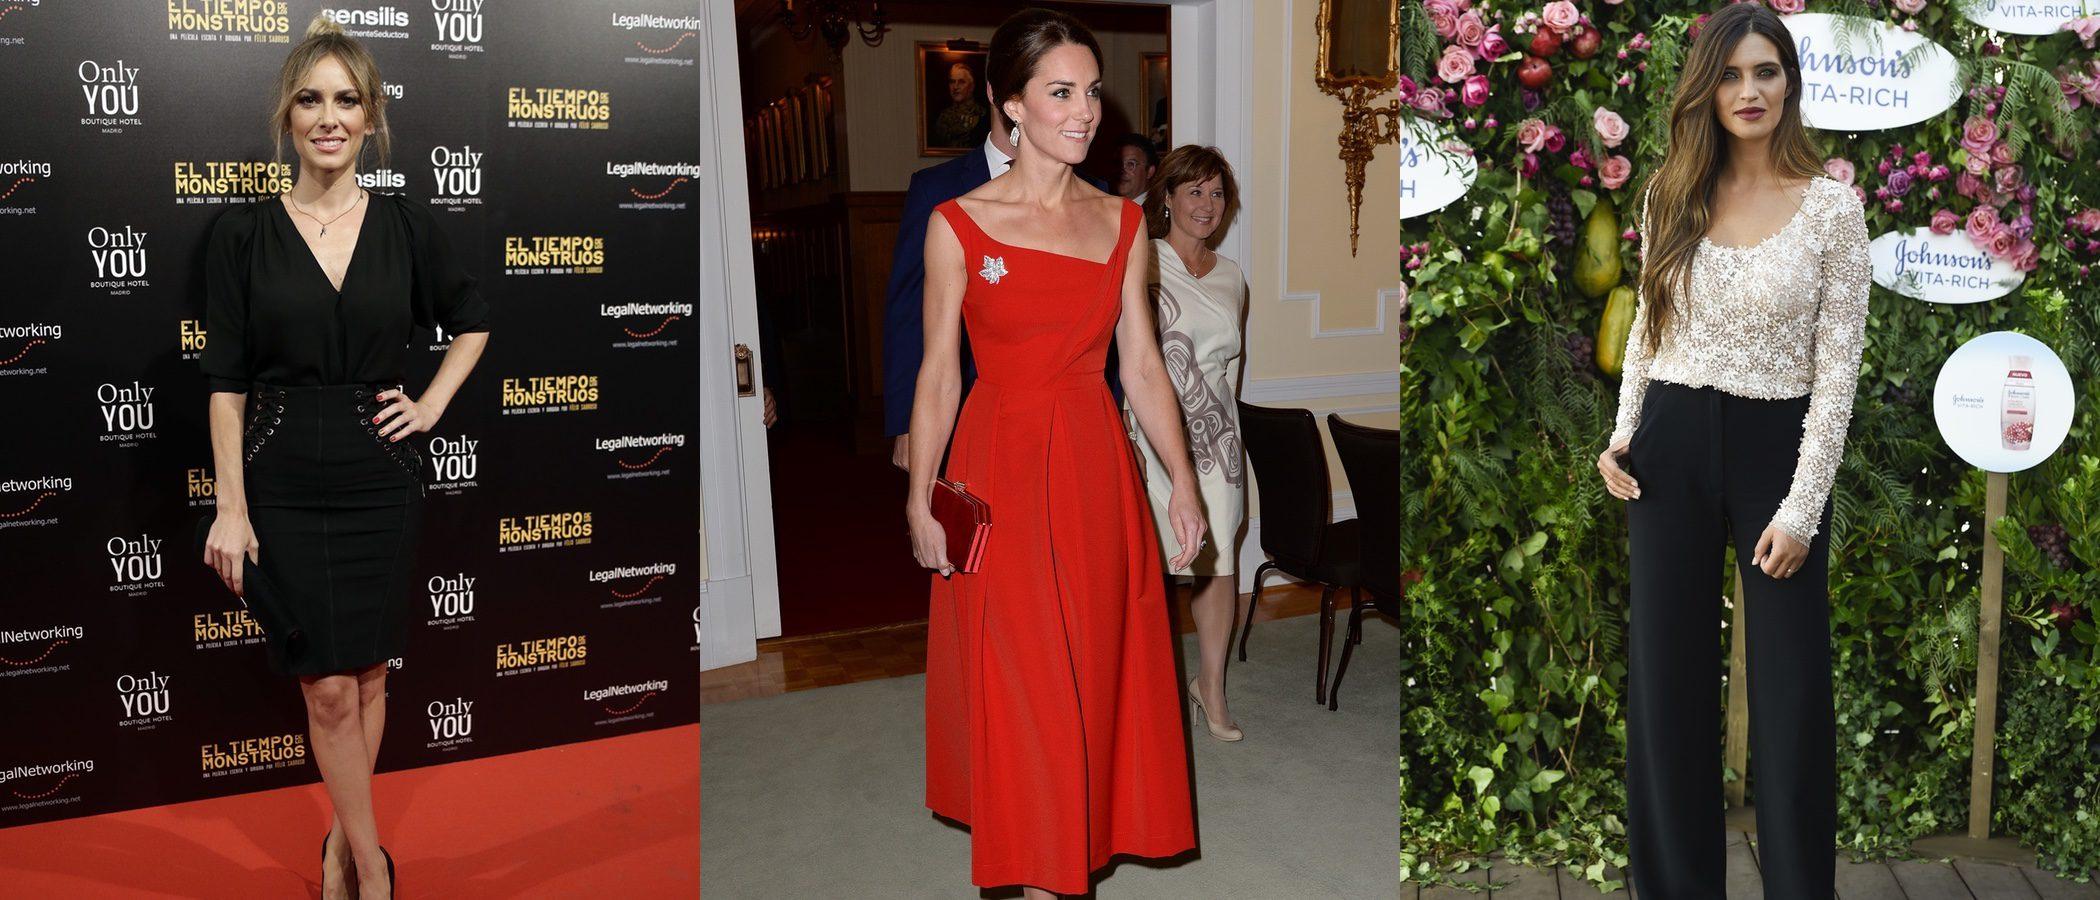 Kira Miró, Kate Middeton y Sara Carbonero triunfan entre las mejor vestidas de la semana